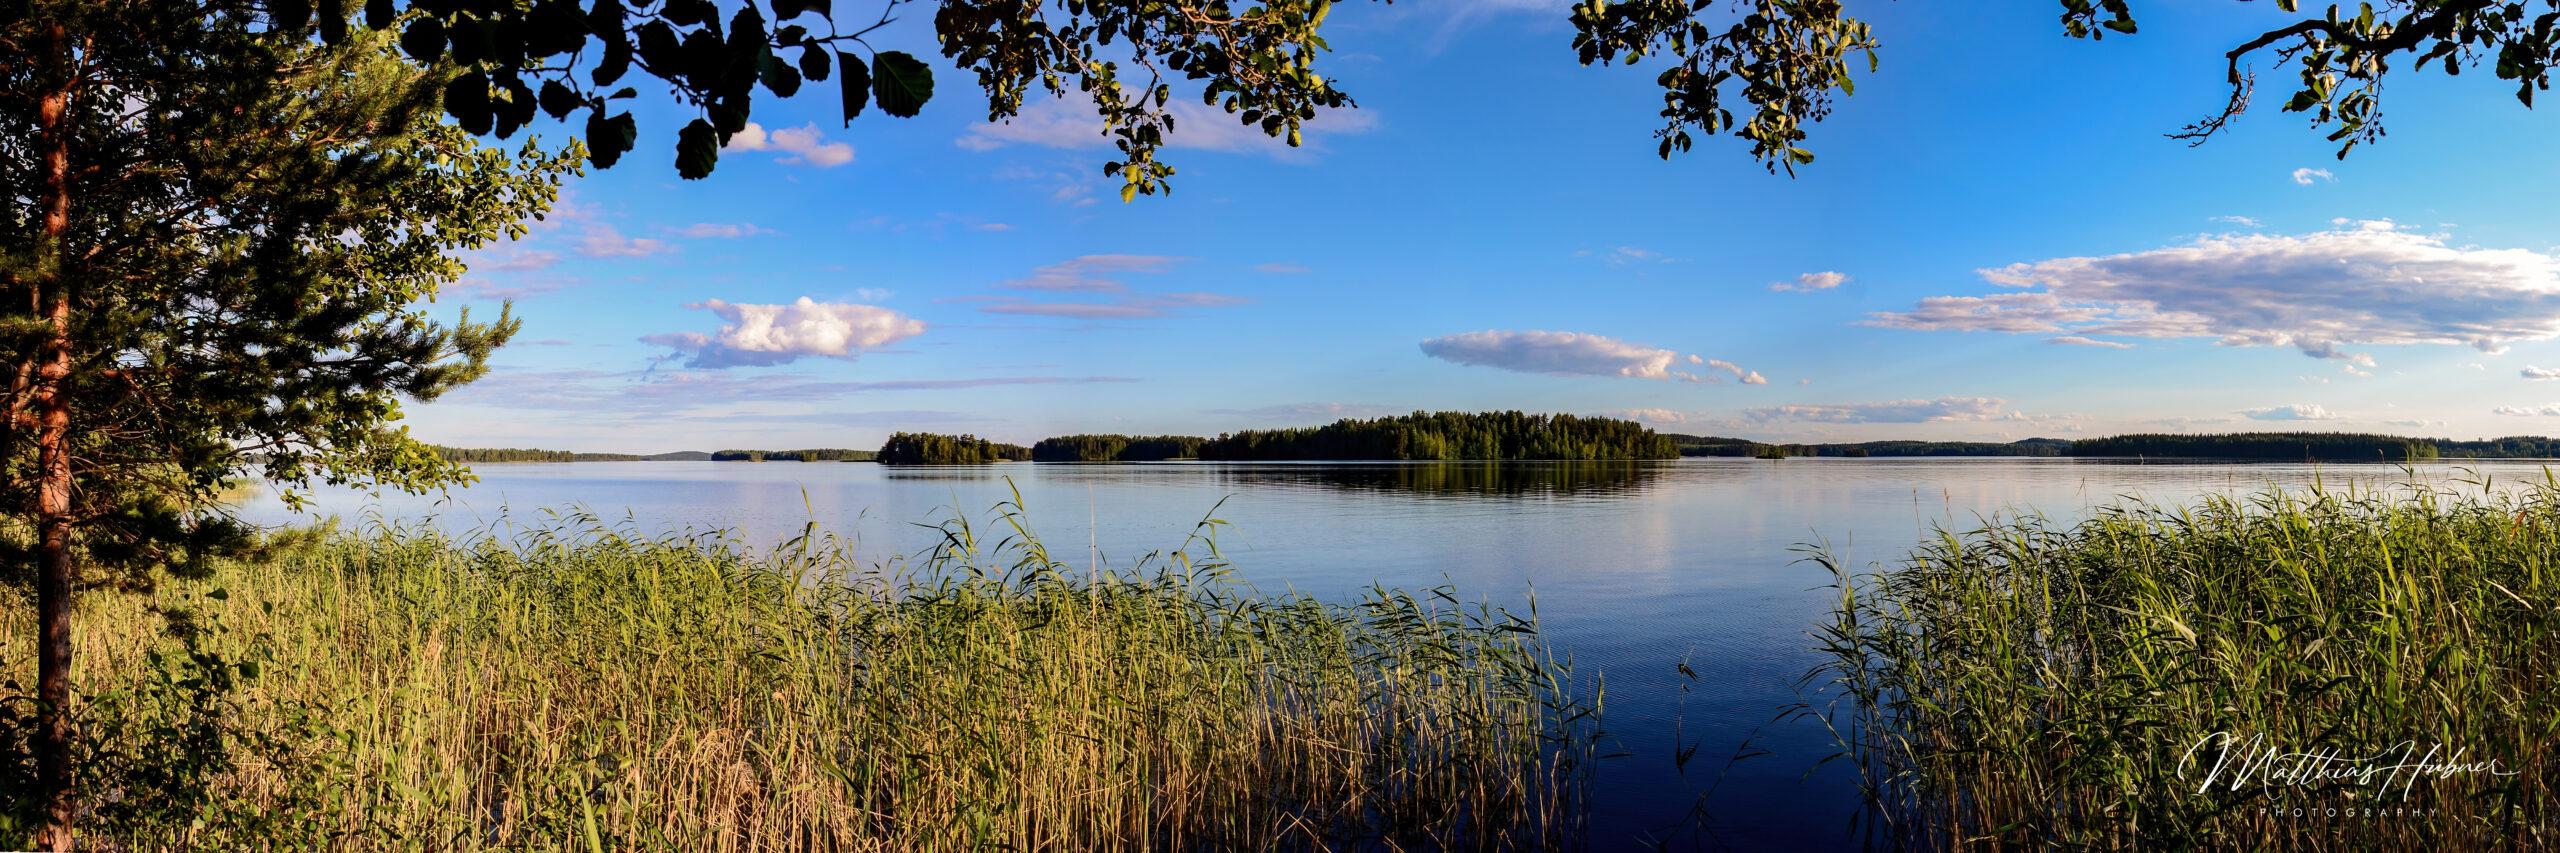 Sunshine muuttosaaret finland huebner photography